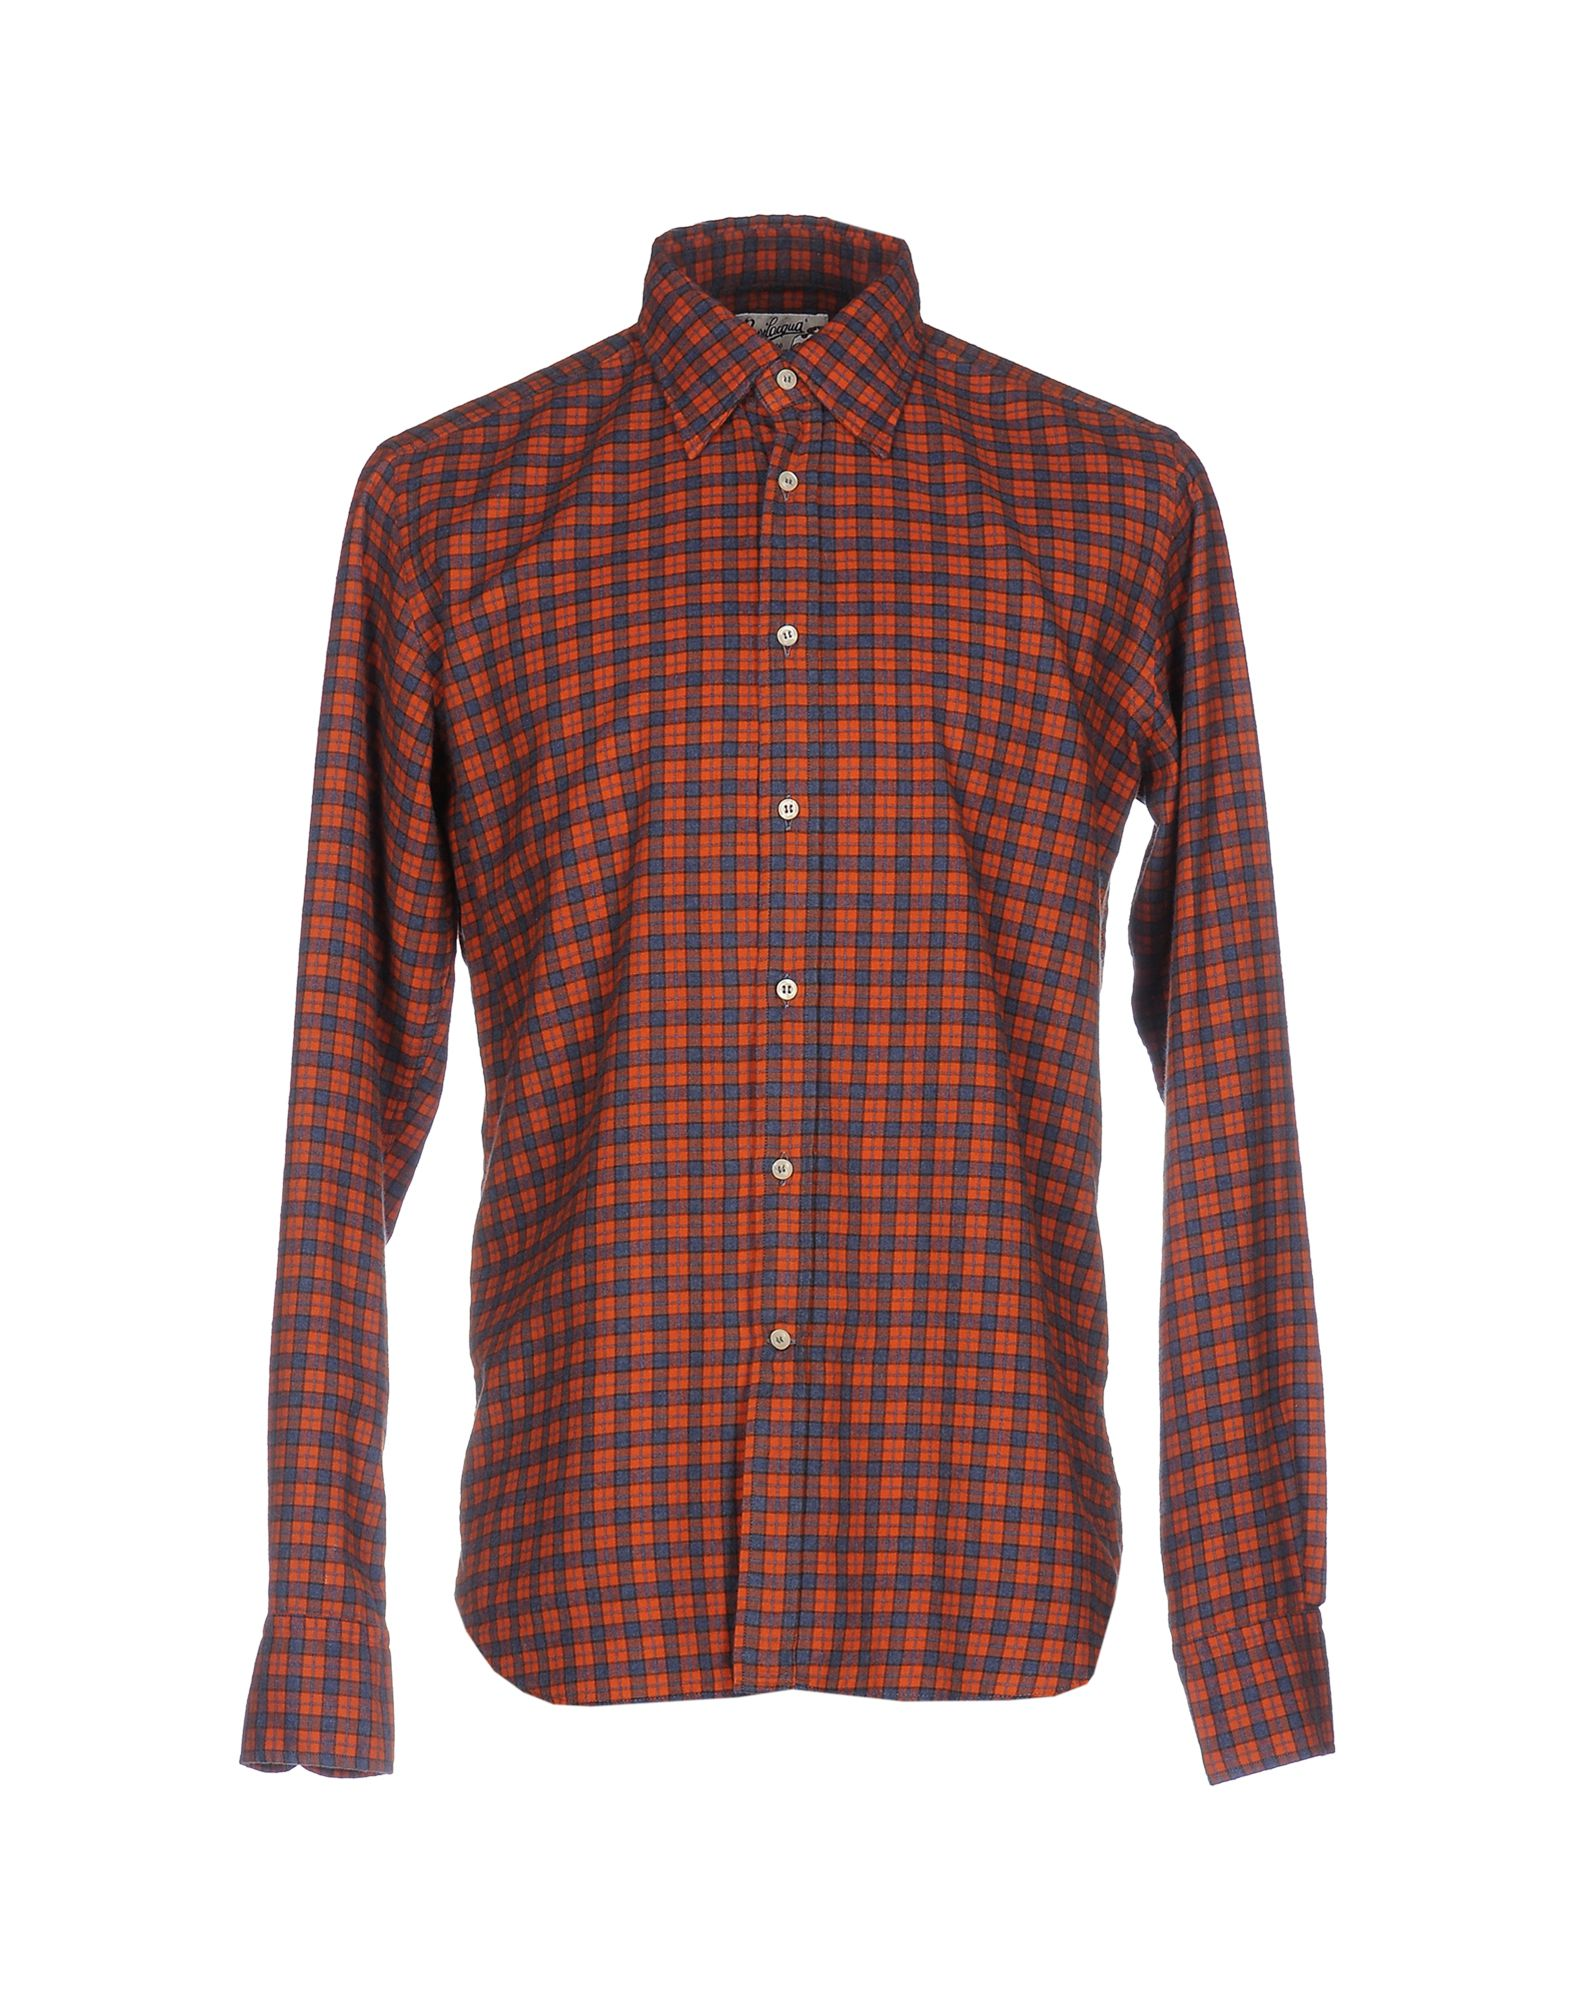 《送料無料》BEVILACQUA メンズ シャツ オレンジ S コットン 100%